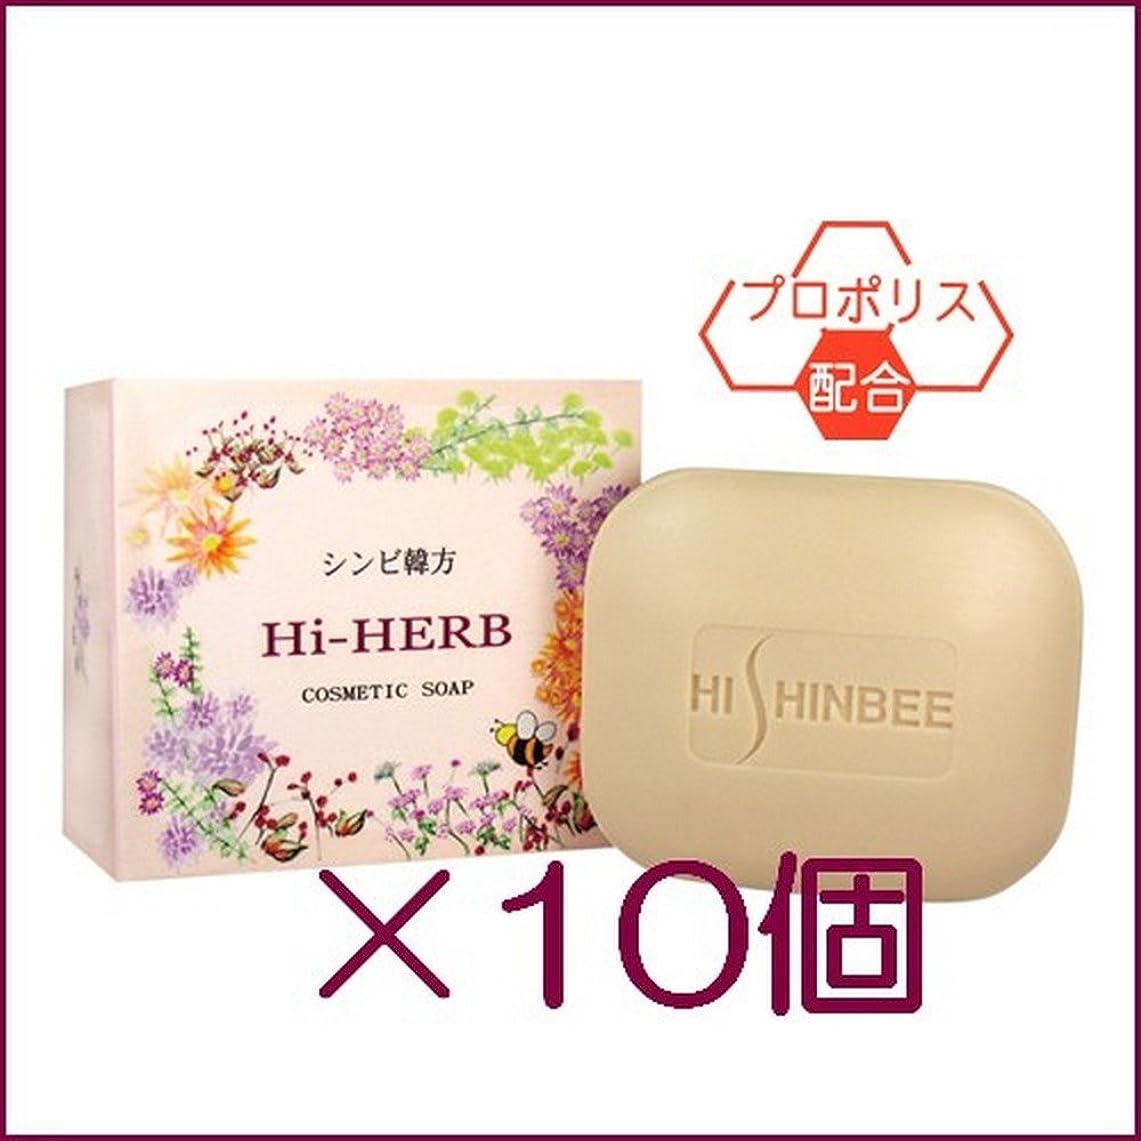 安心橋脚オゾンシンビ 韓方ハイハーブ石鹸 100g ×10個